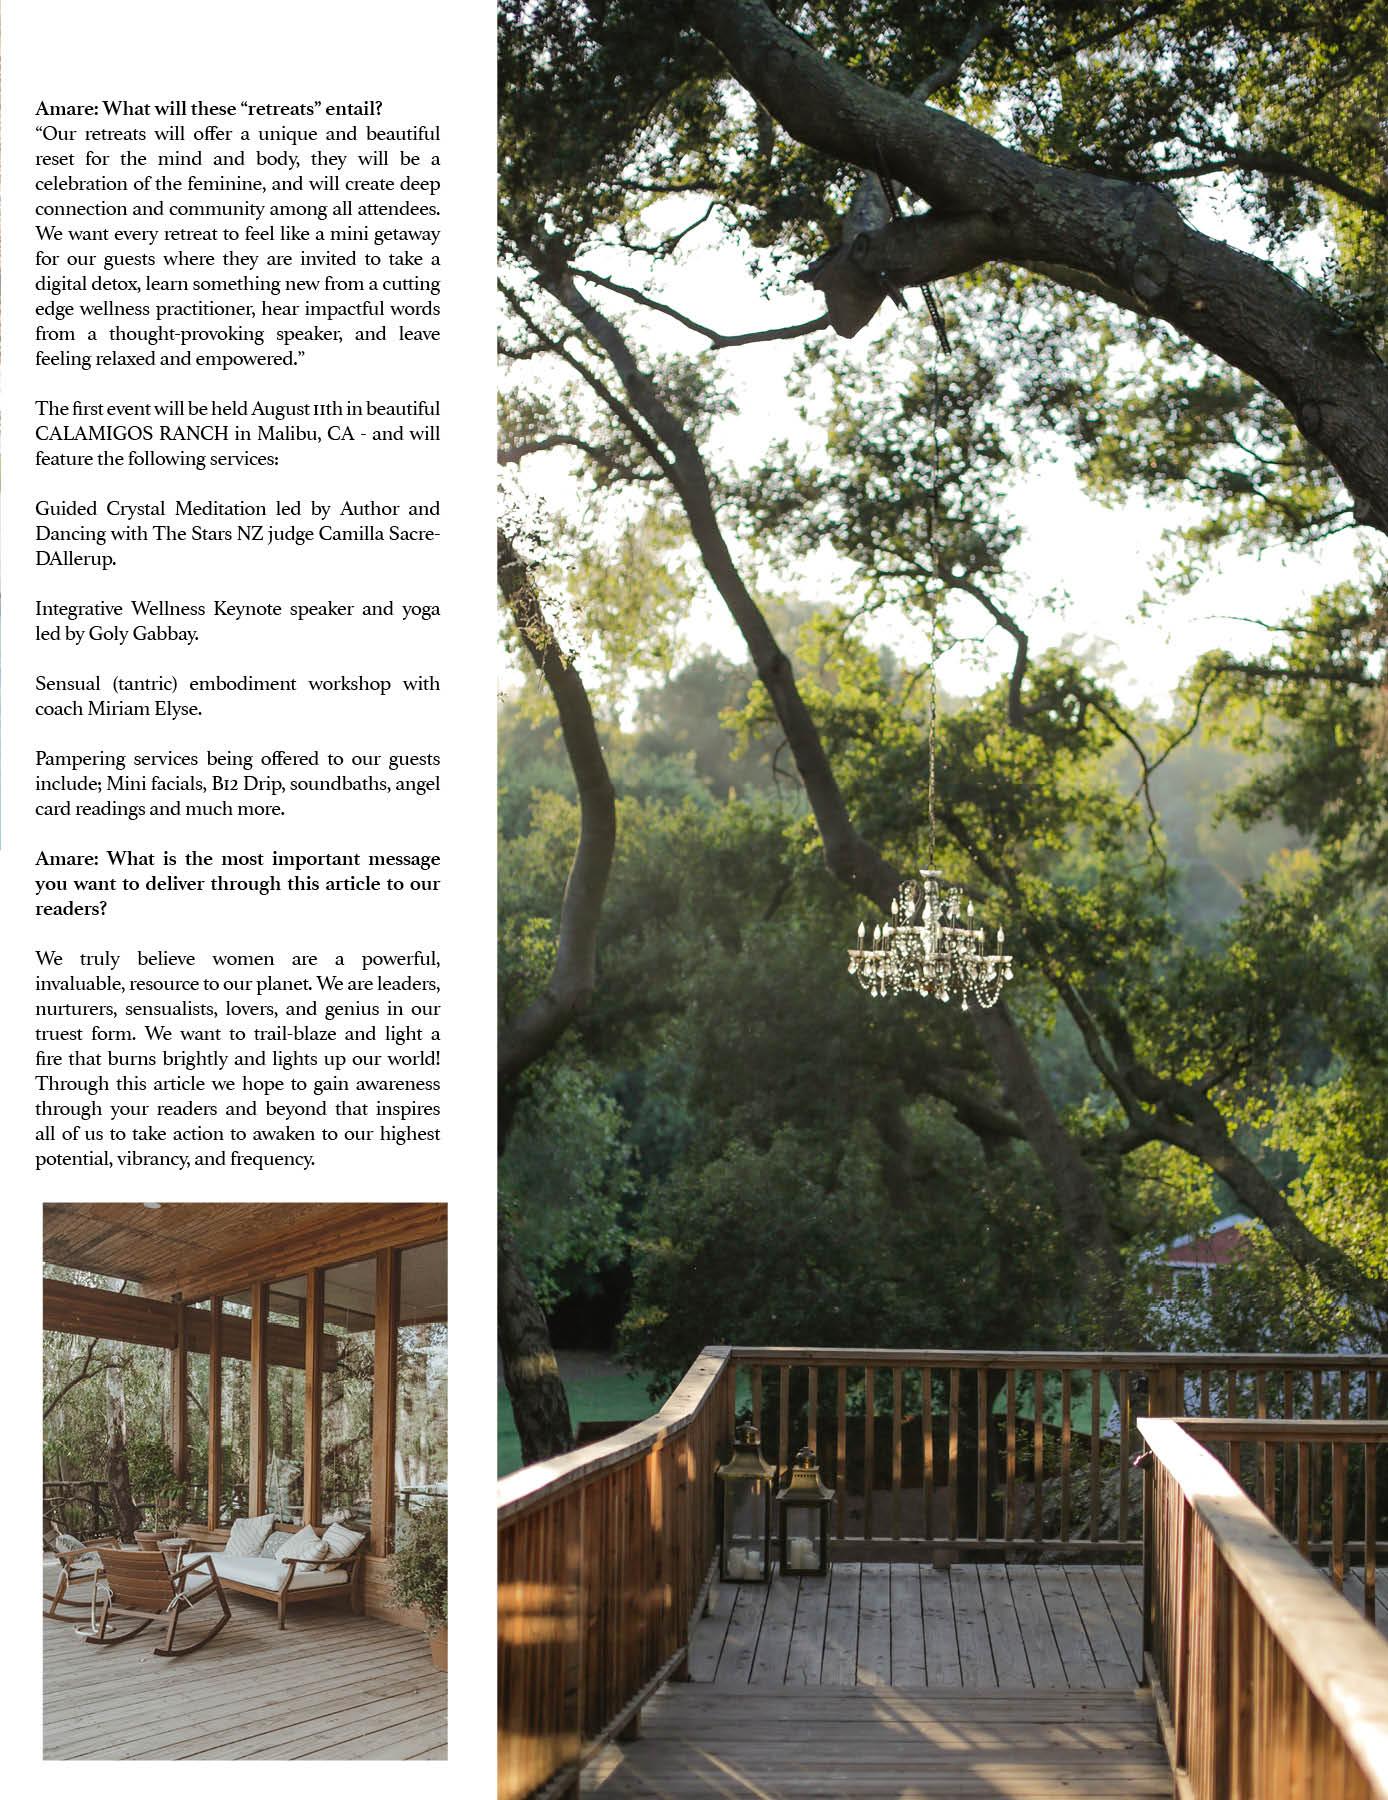 AMARE-Issue-1057.jpg